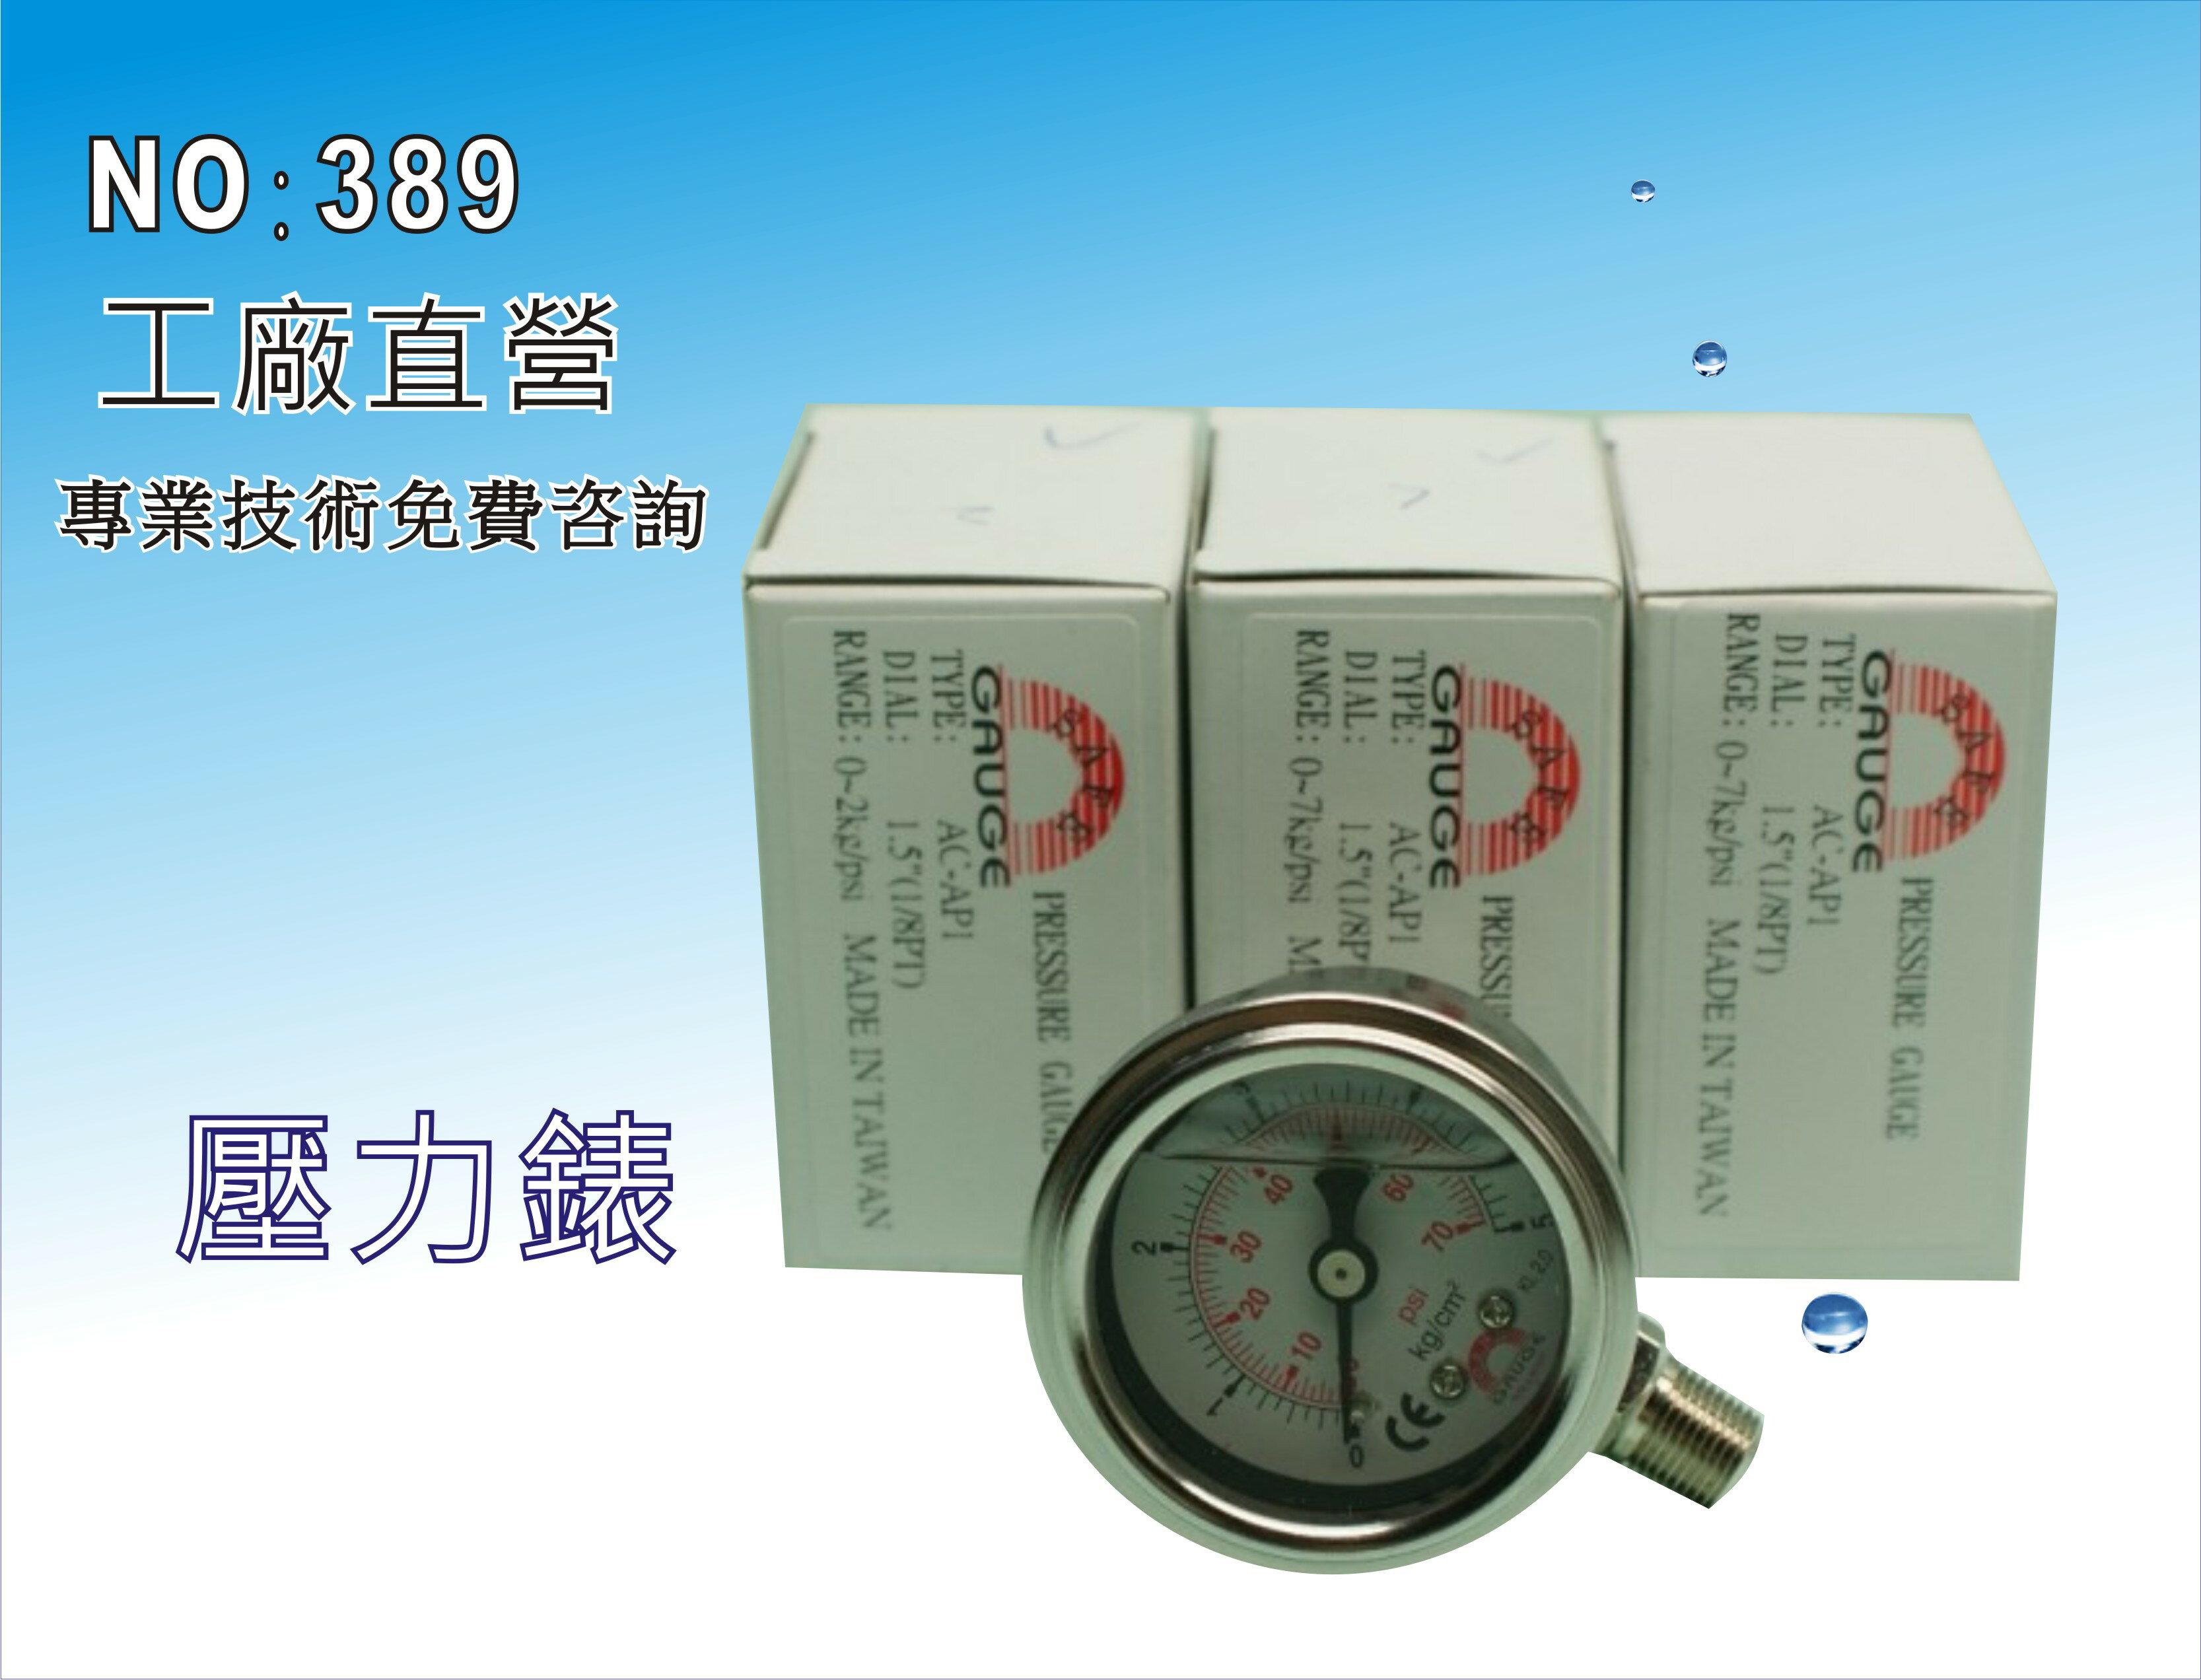 【龍門淨水】台灣製造 油空氣水適用油式壓力錶 淨水器 濾水器 水塔過濾(貨號389)